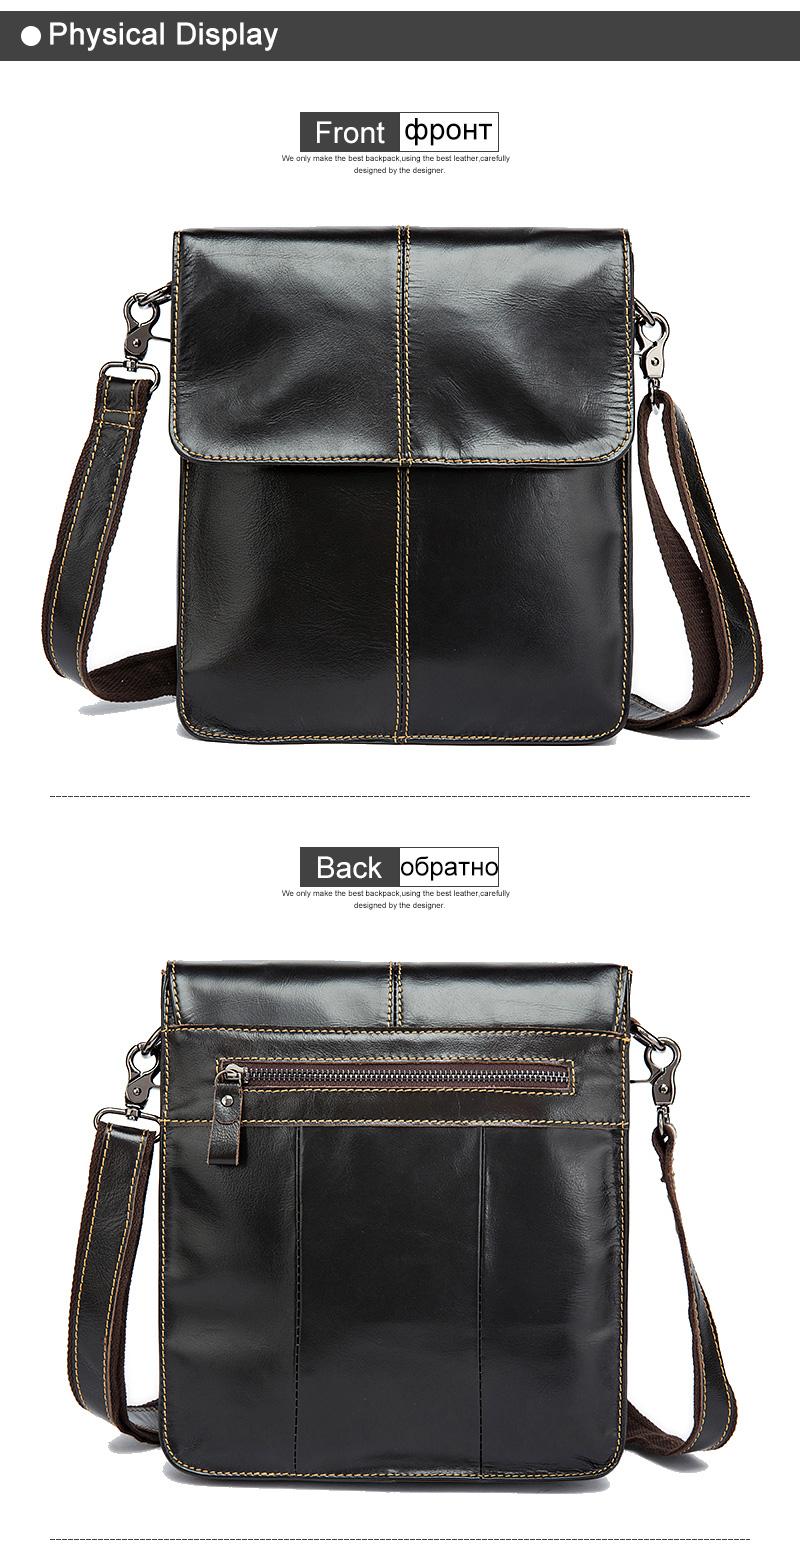 3 shoulder bags for men